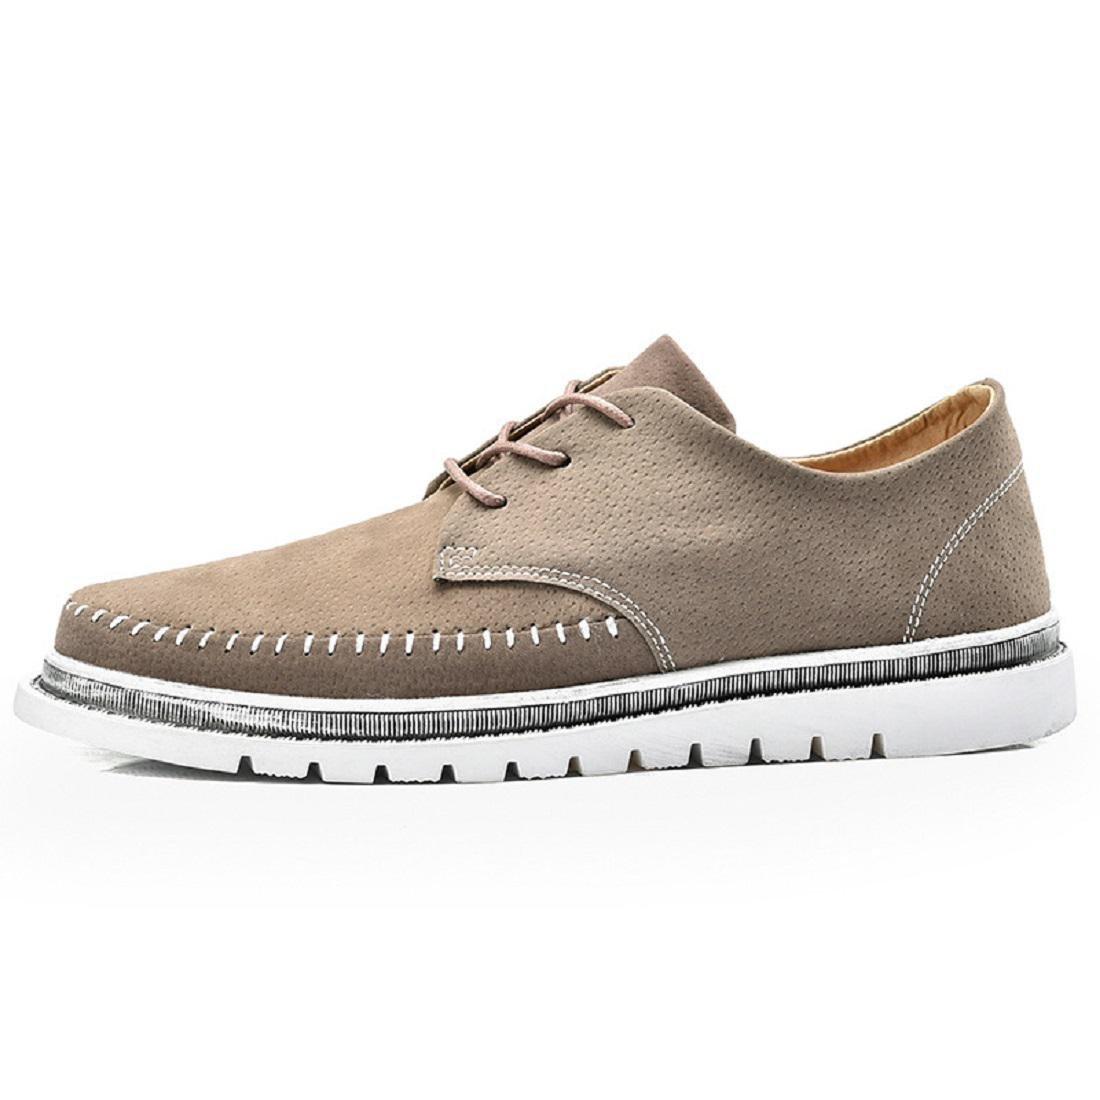 Herren Flache Schuhe Trainer Laufschuhe Mode Sportschuhe Schutzfuß Licht Gemütlich Lässige Schuhe EUR GRÖSSE 39-44